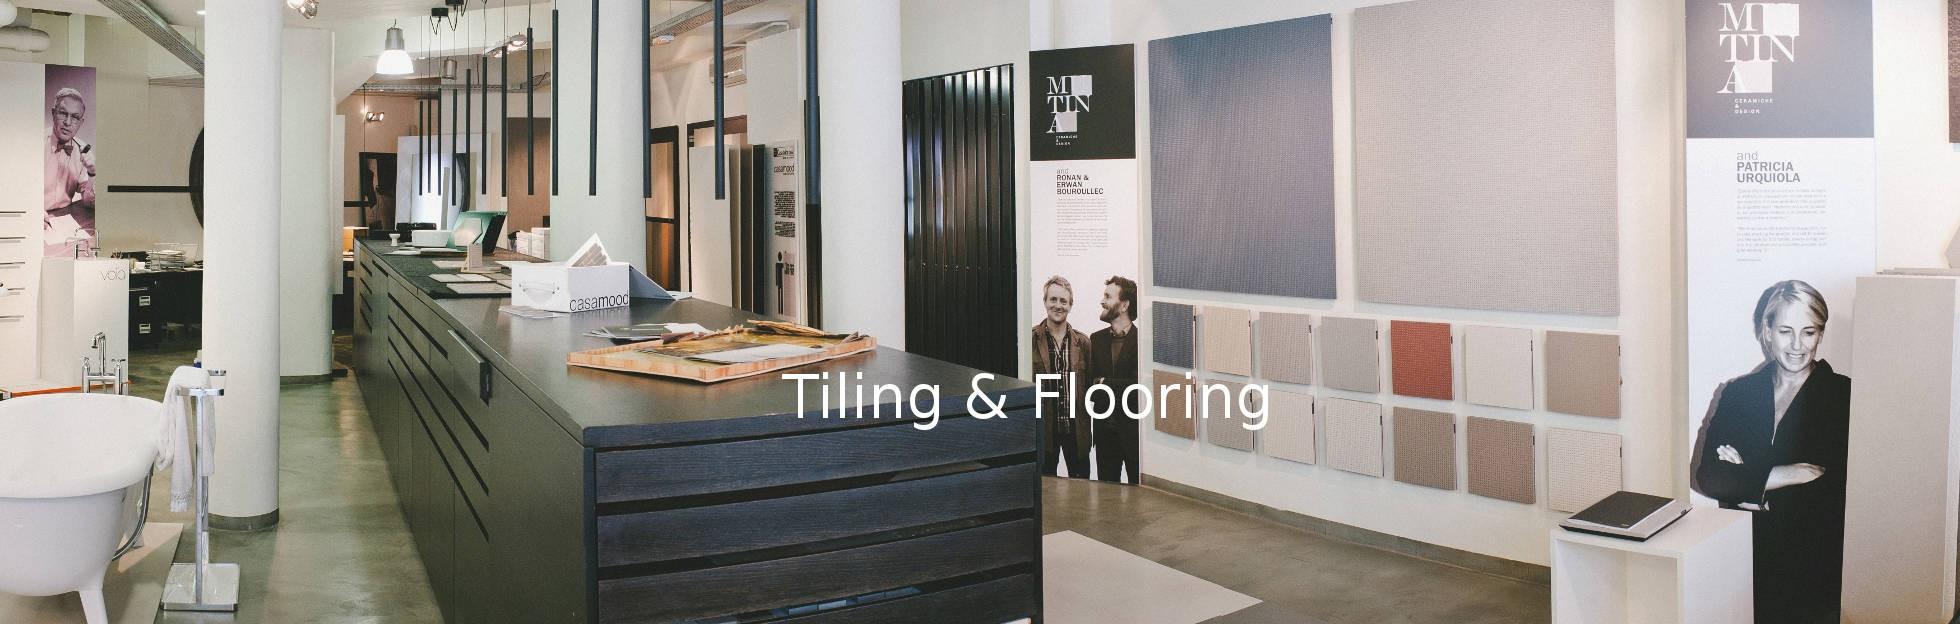 Tono-Bagno-Tiling-flooring-and-ceramics-shop-in-Barcelona